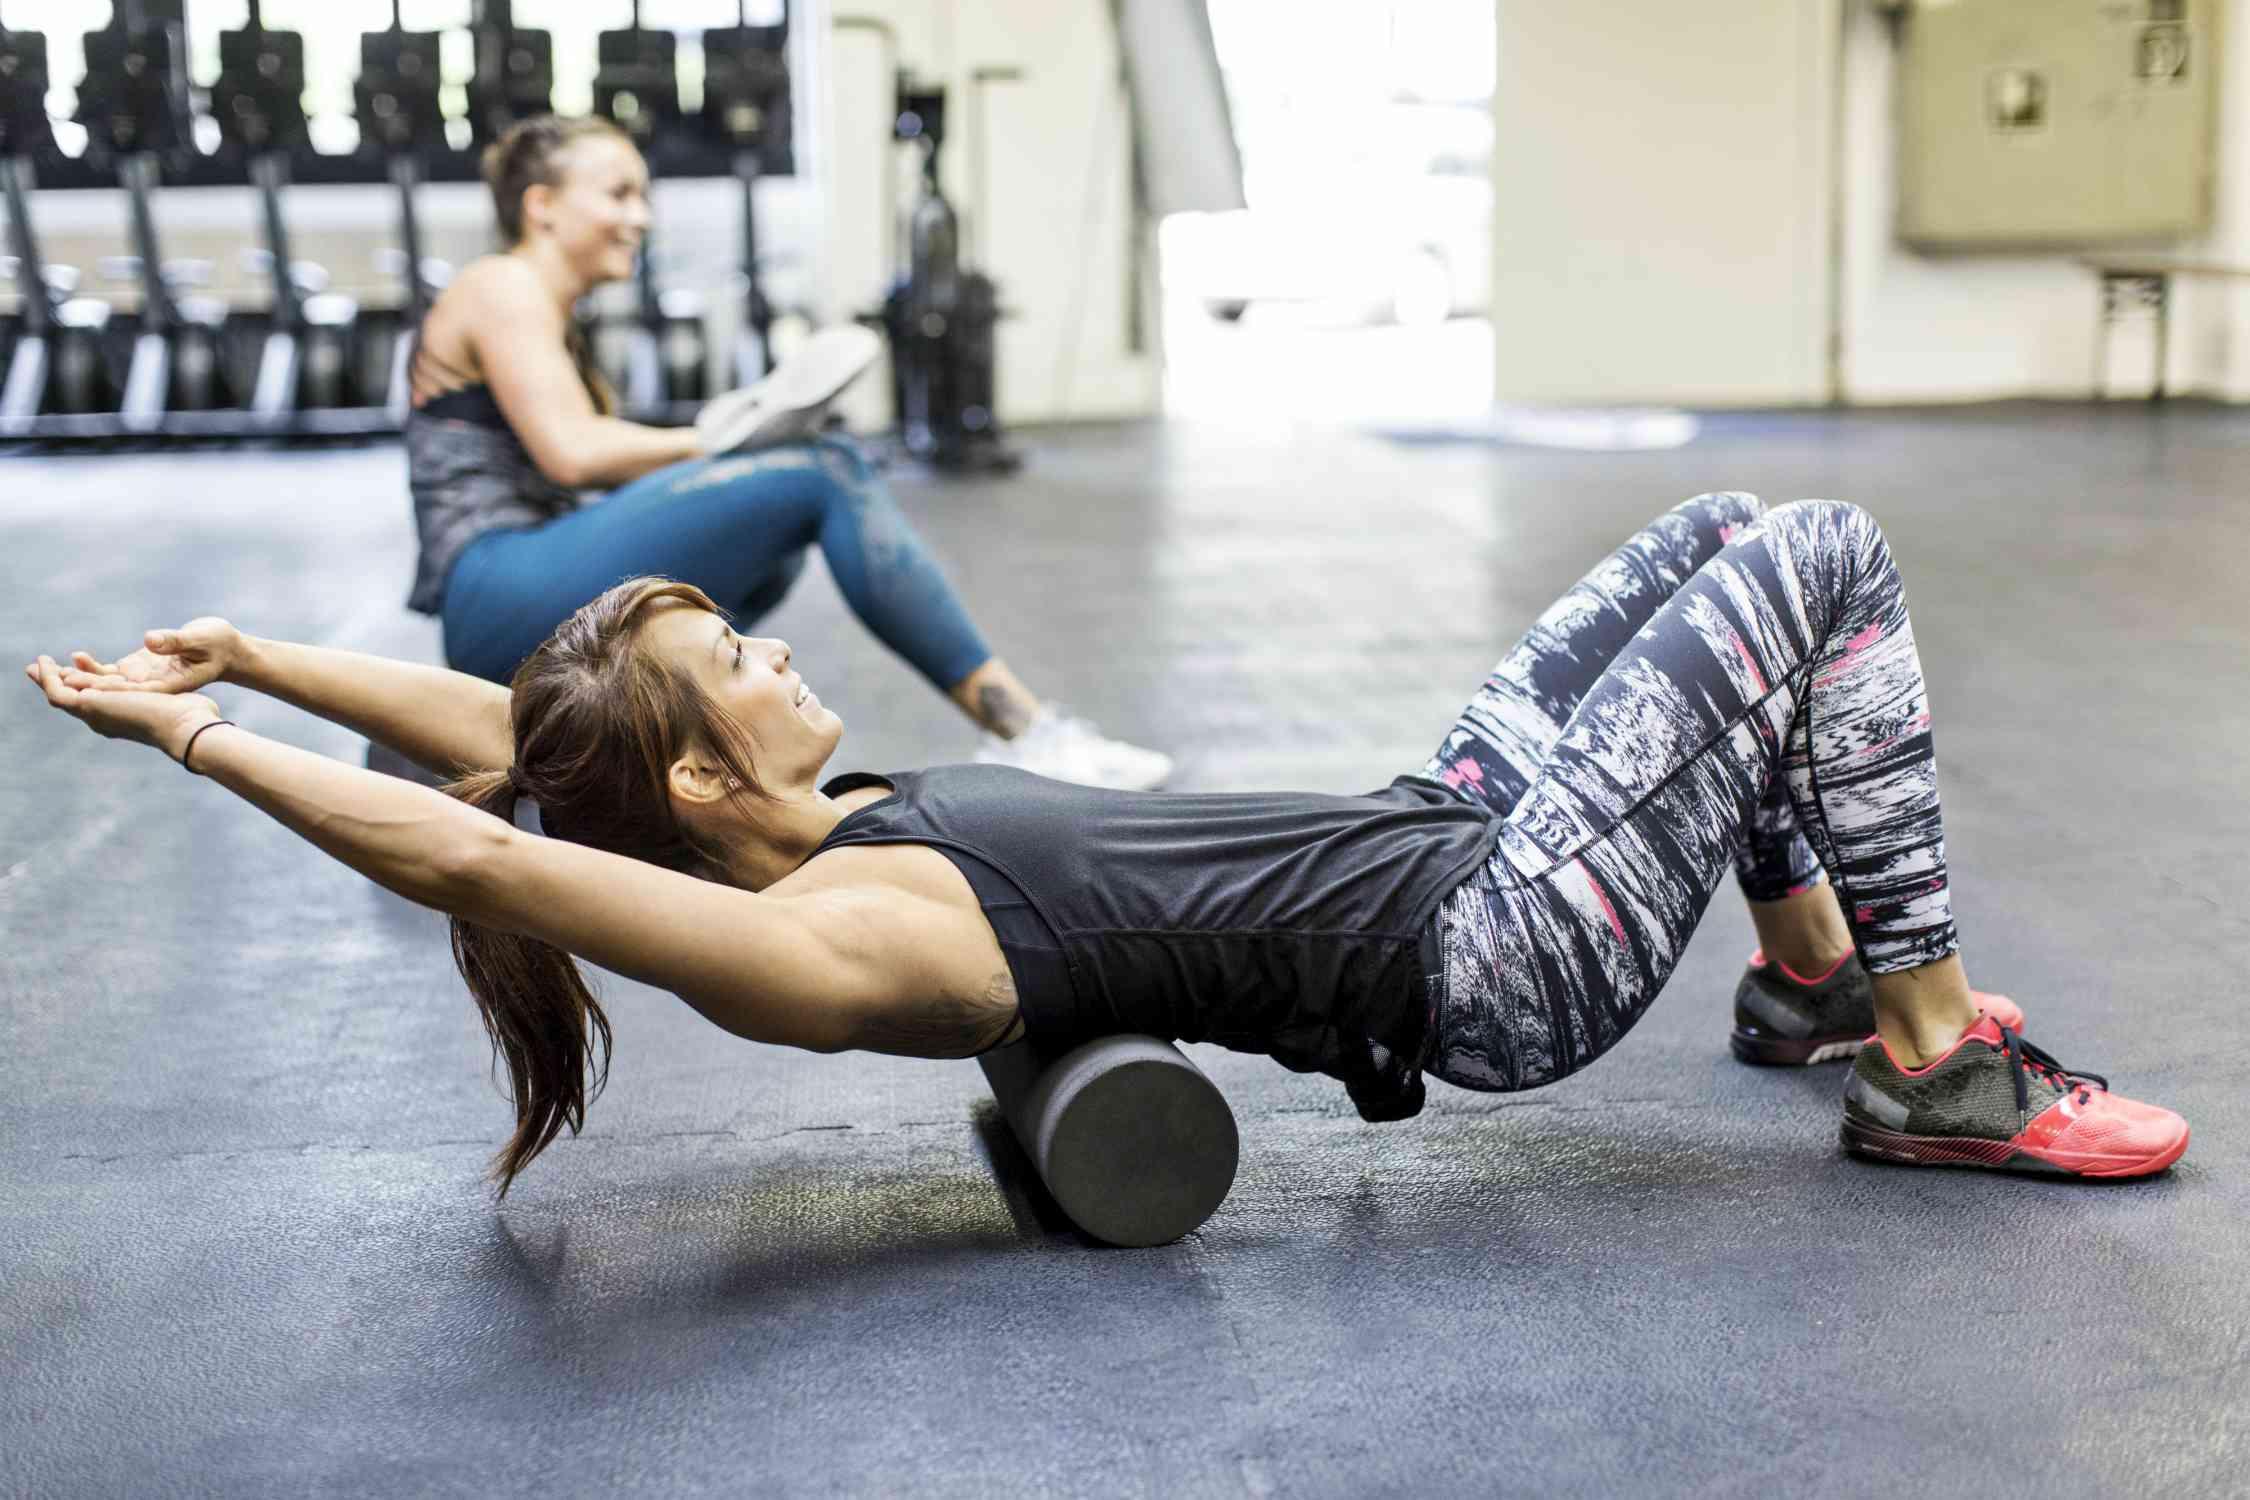 Foam rollingWoman using a foam roller in gym